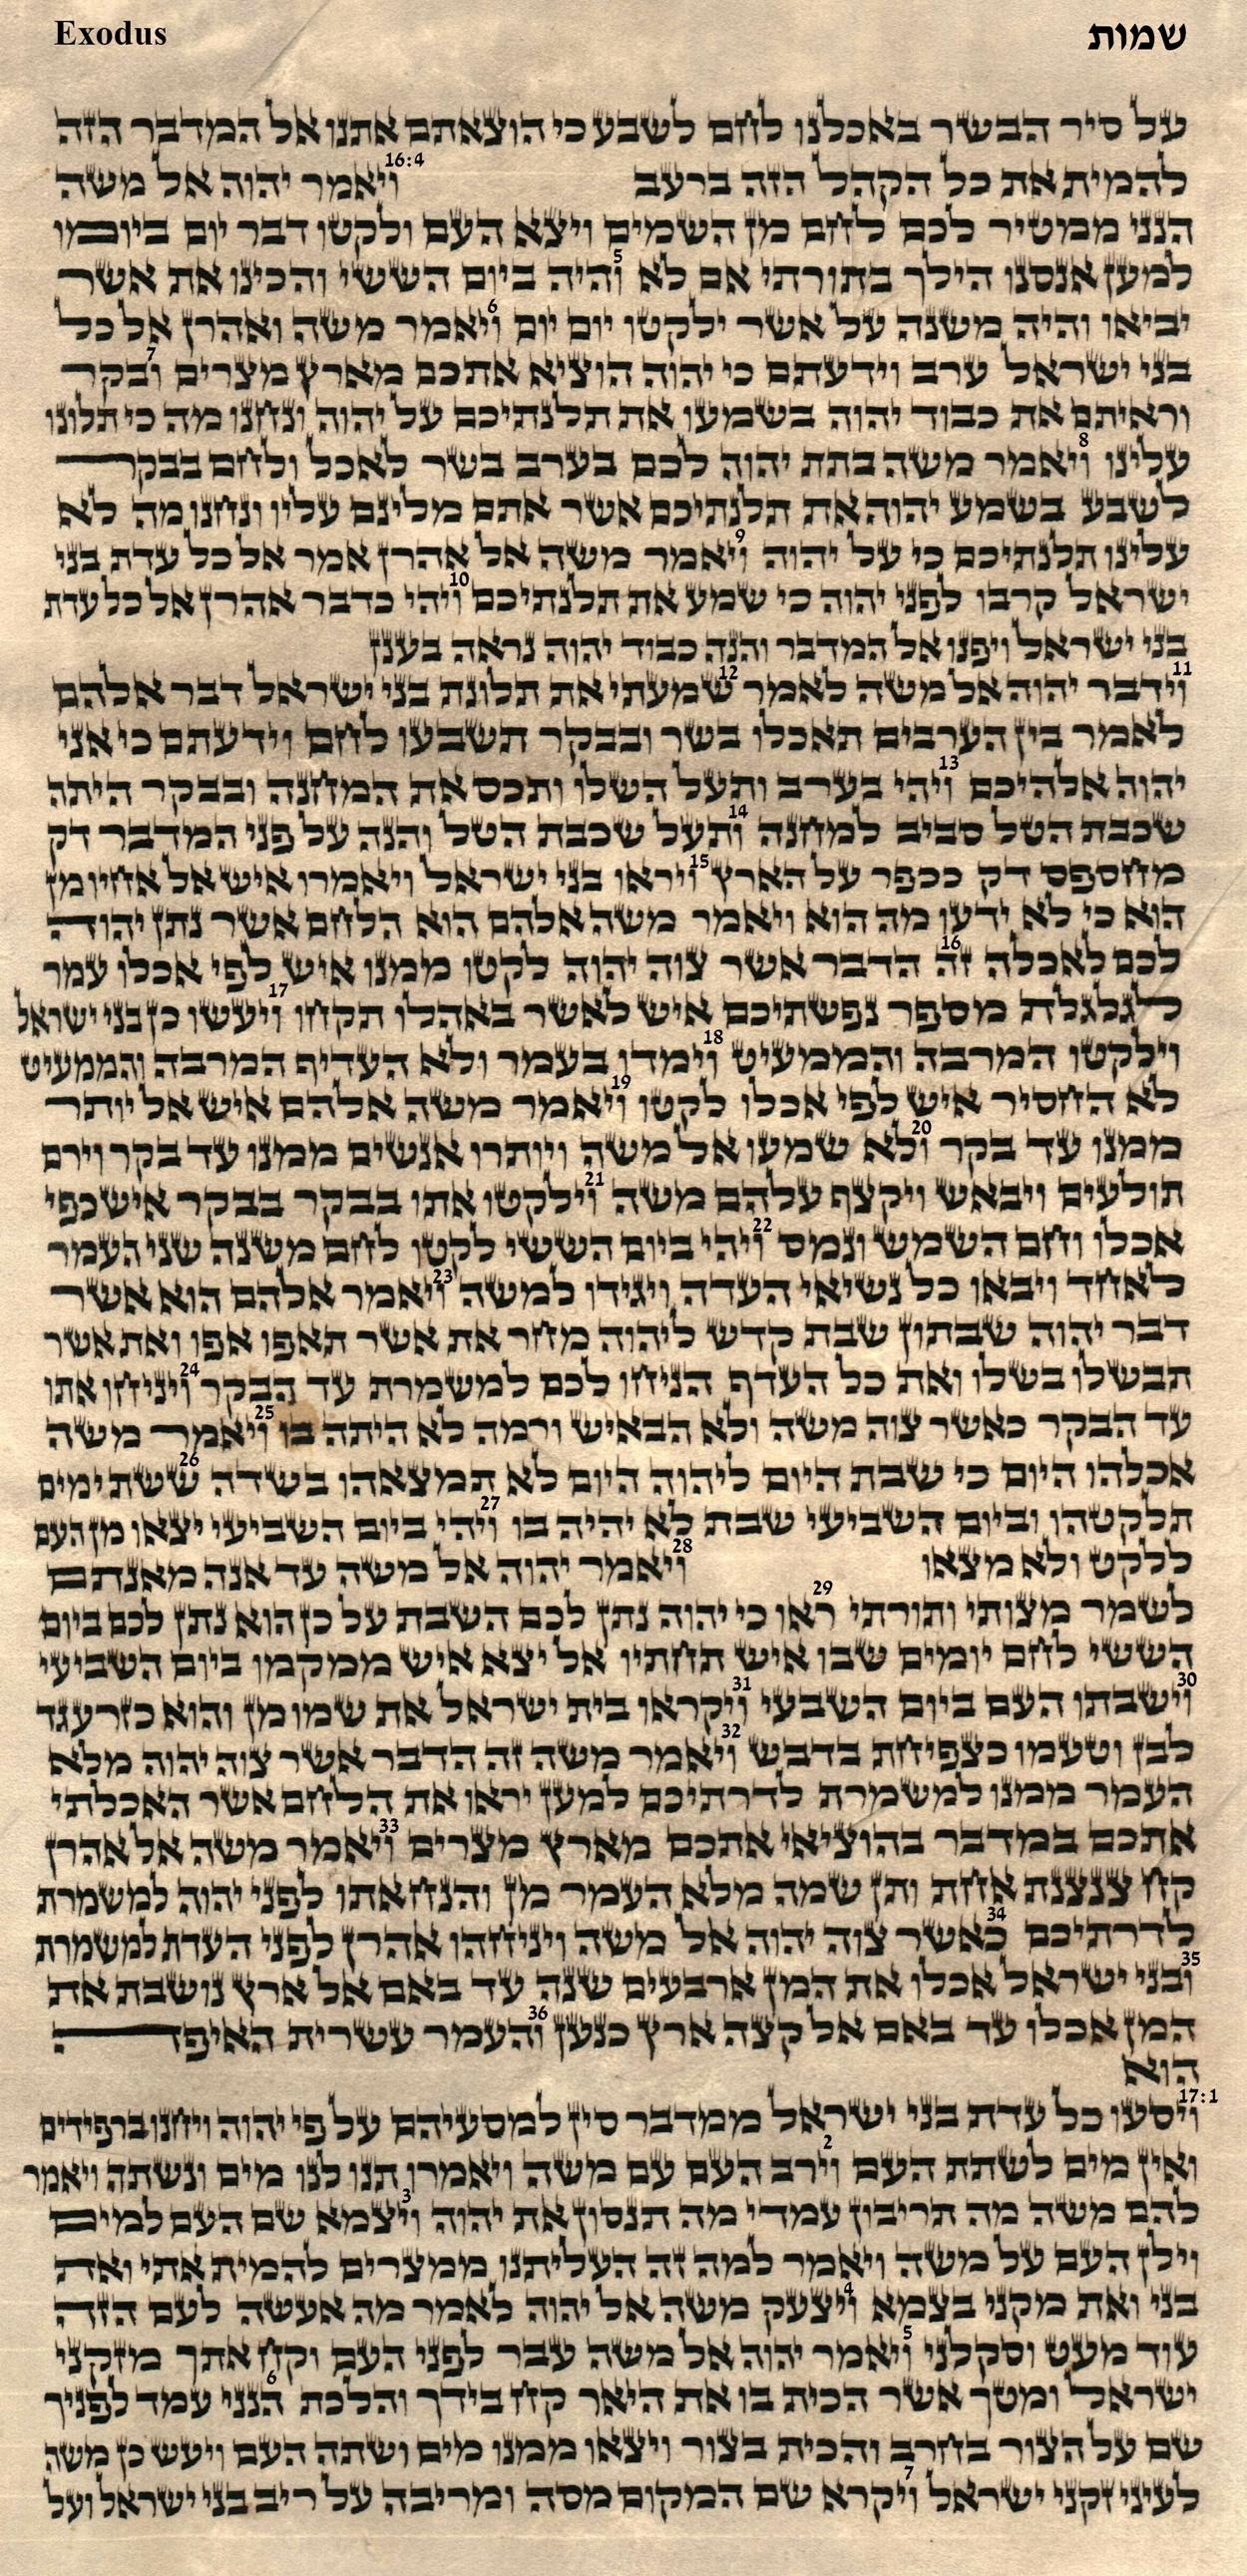 Exodus 16.4 - 17.7